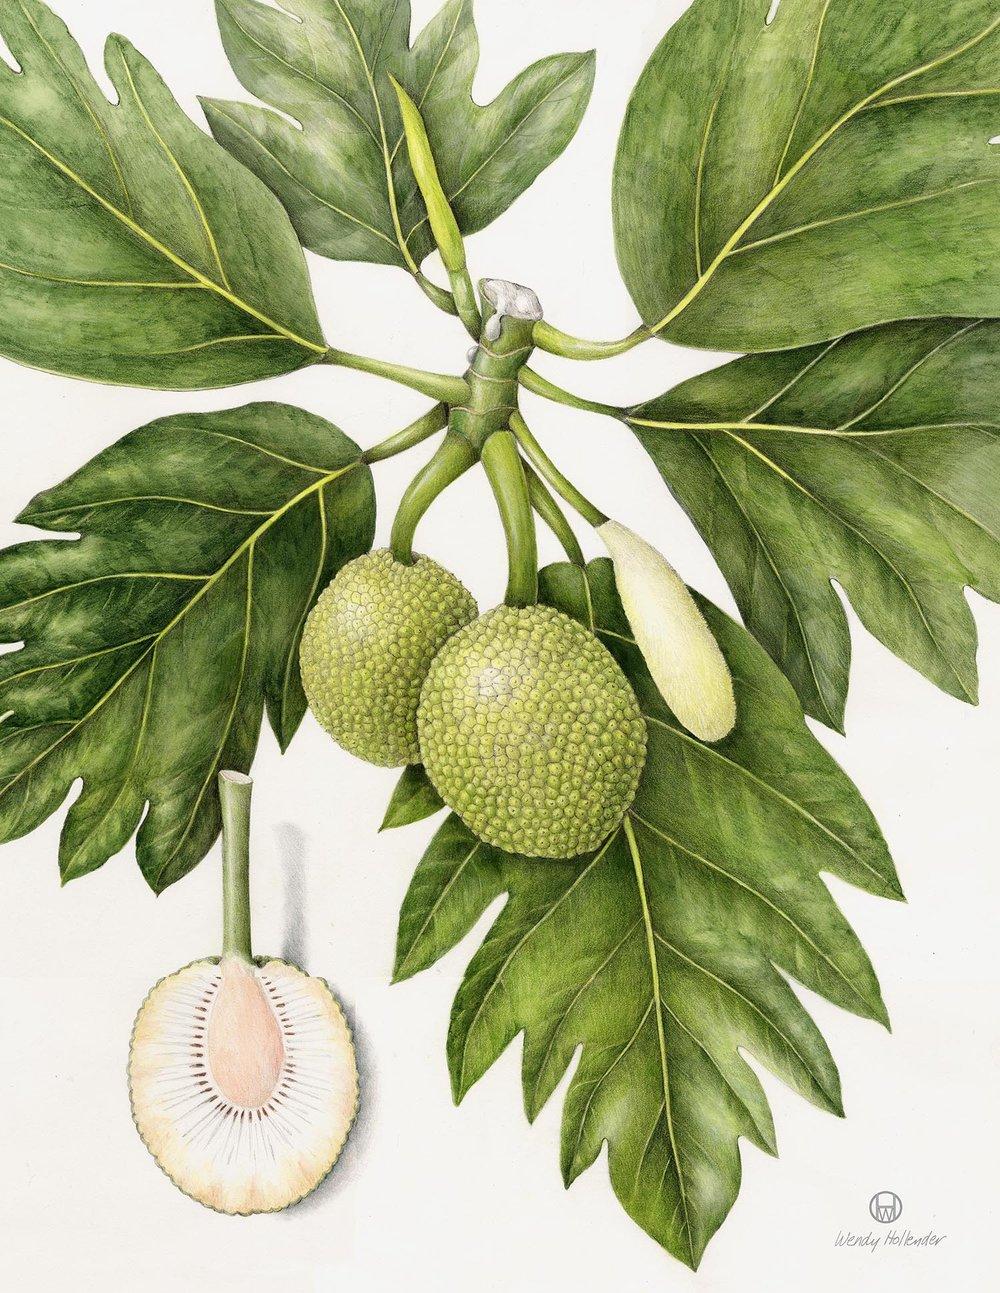 Breadfruit - Artocarpus altilis